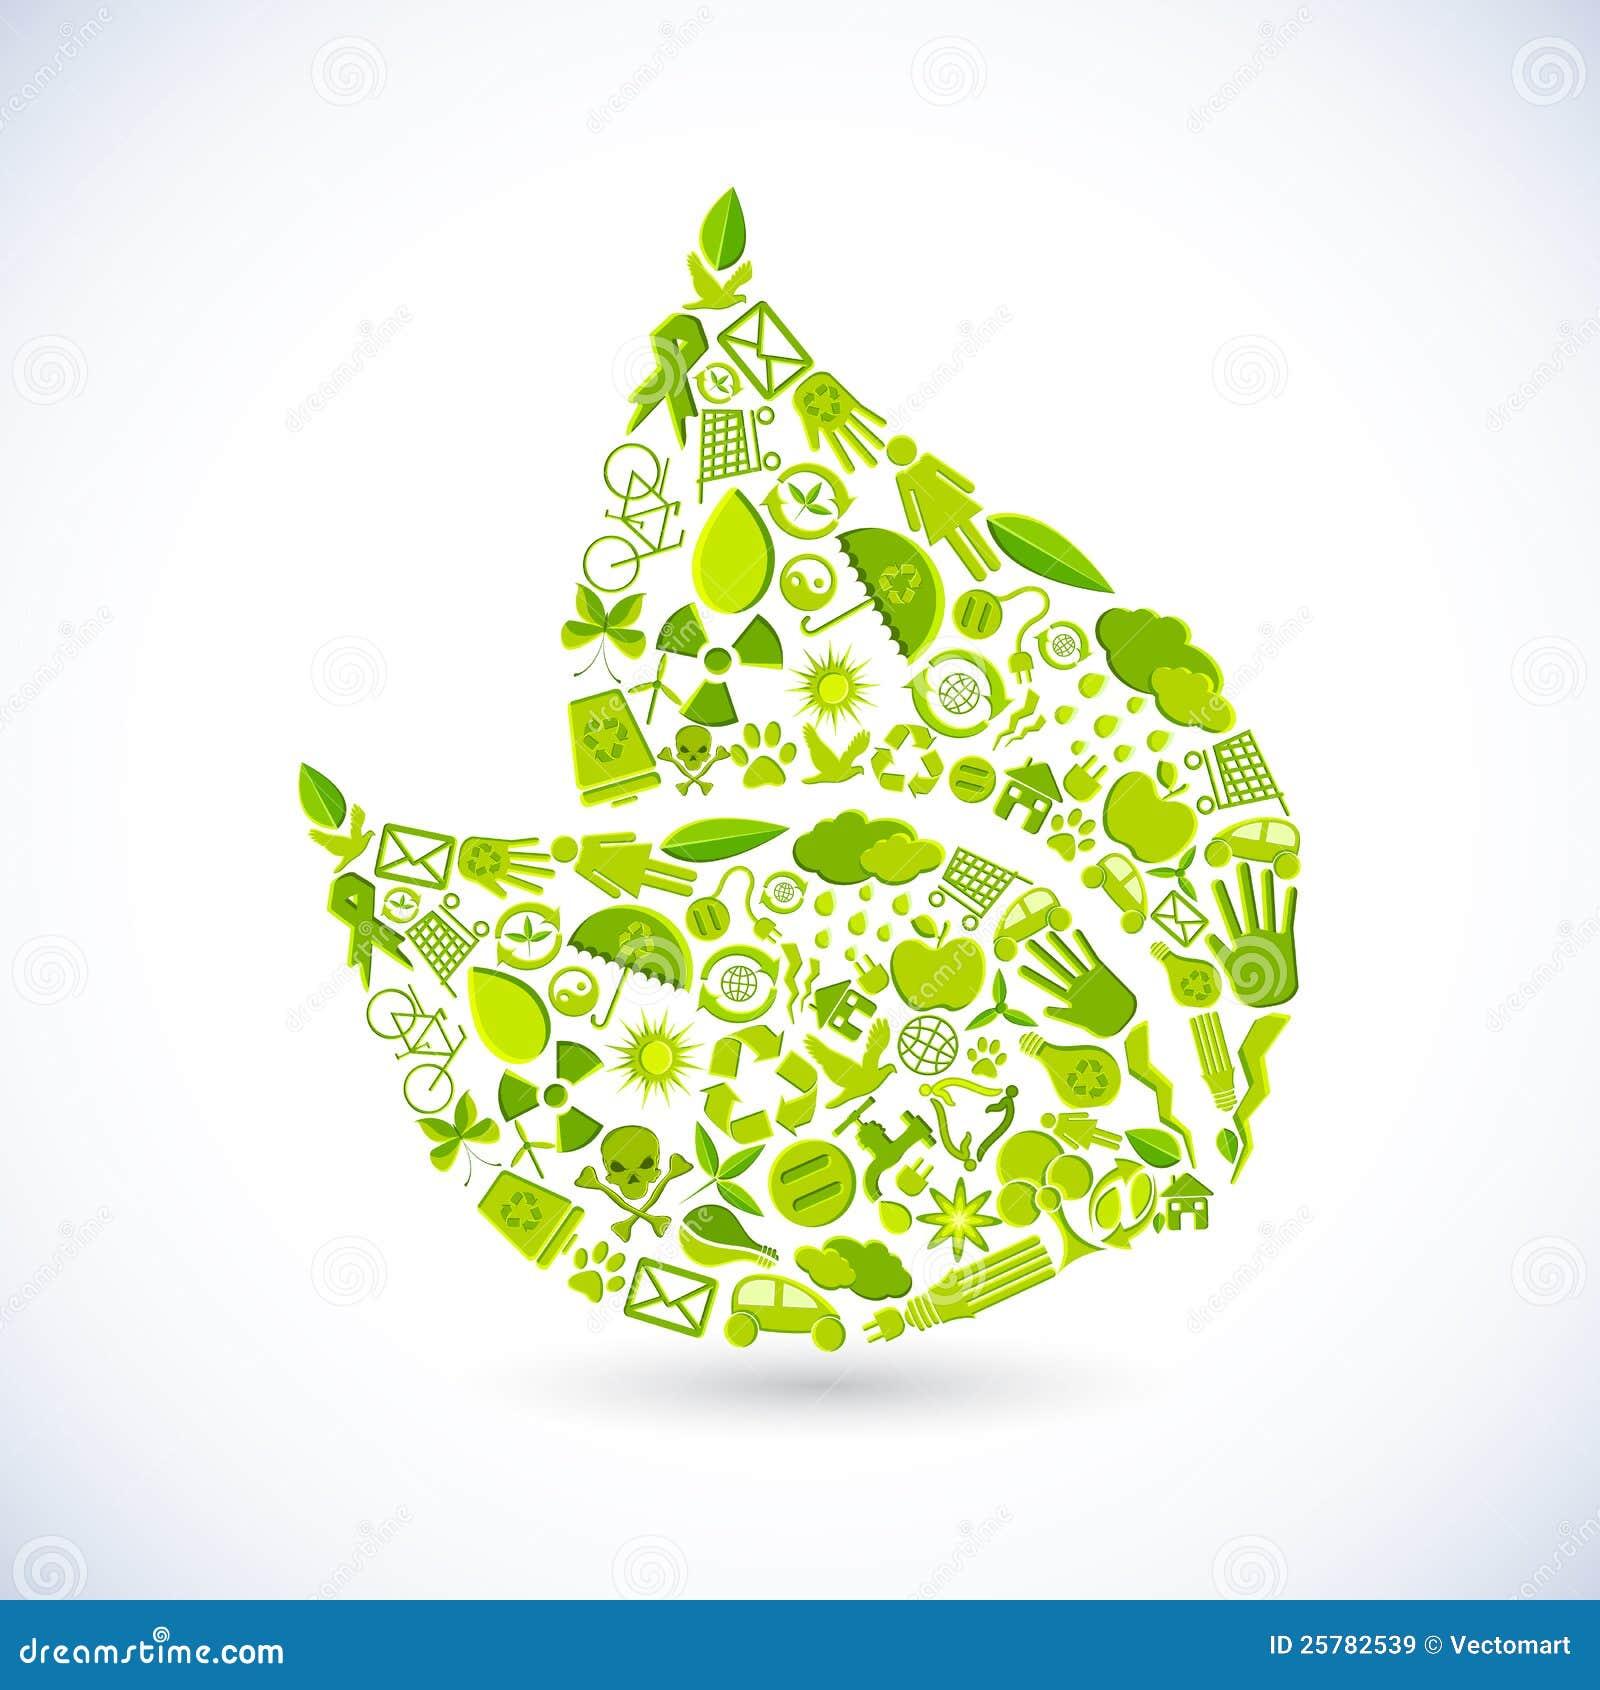 叶子形状的例证做回收符号.图片